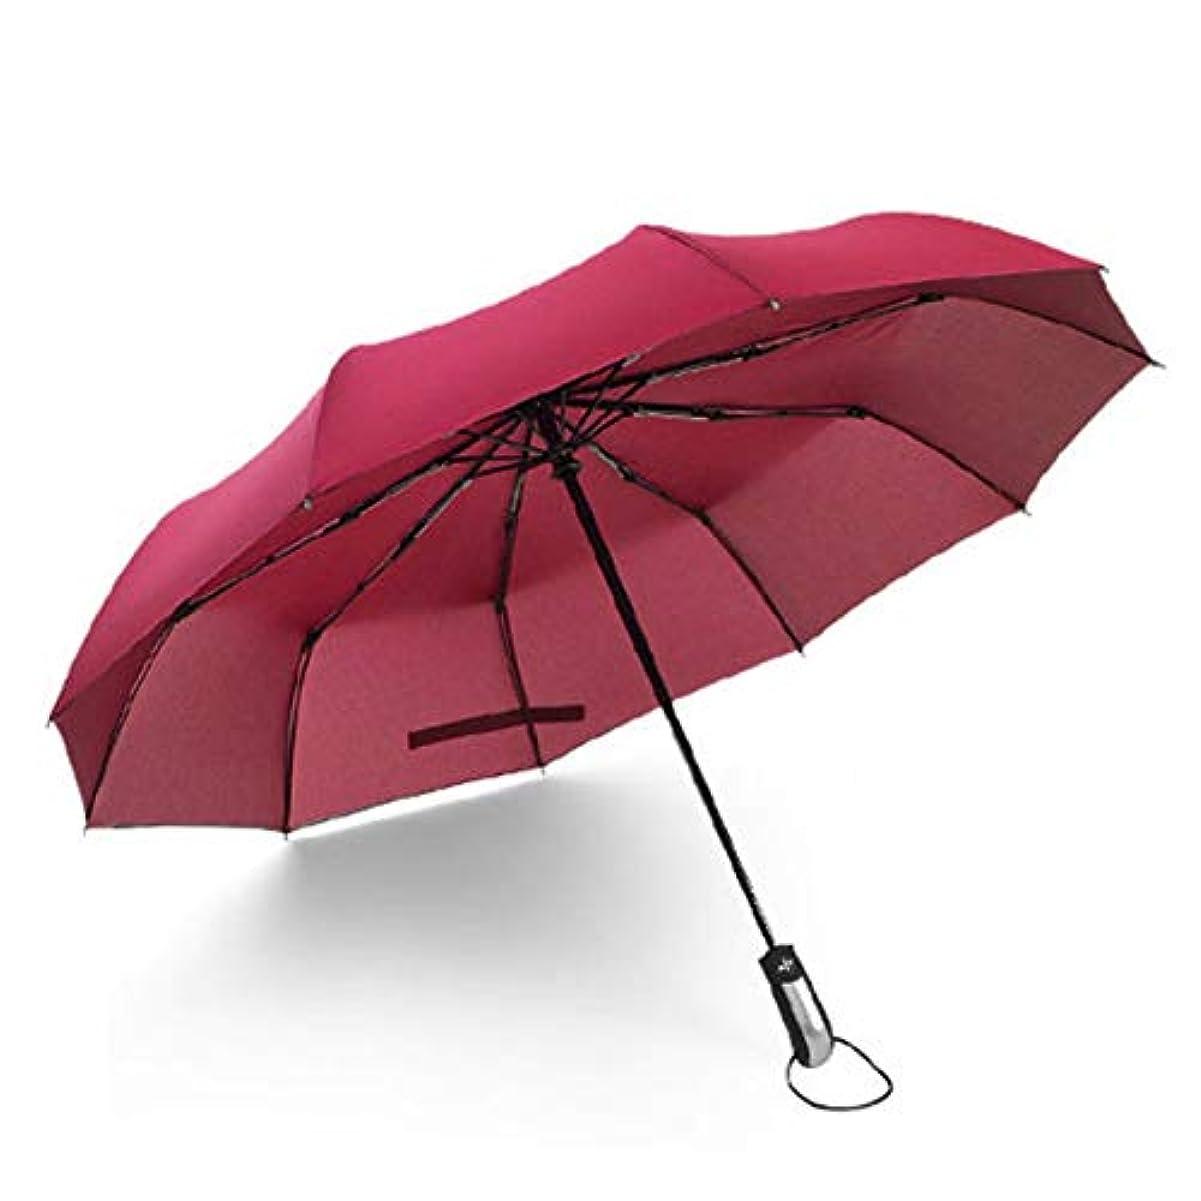 減少持ってる置くためにパックSaikogoods 全自動日 - 雨の傘 トリプルフォールディング 男性女性 強化のために10-リブ ビジネス傘 ワインレッド